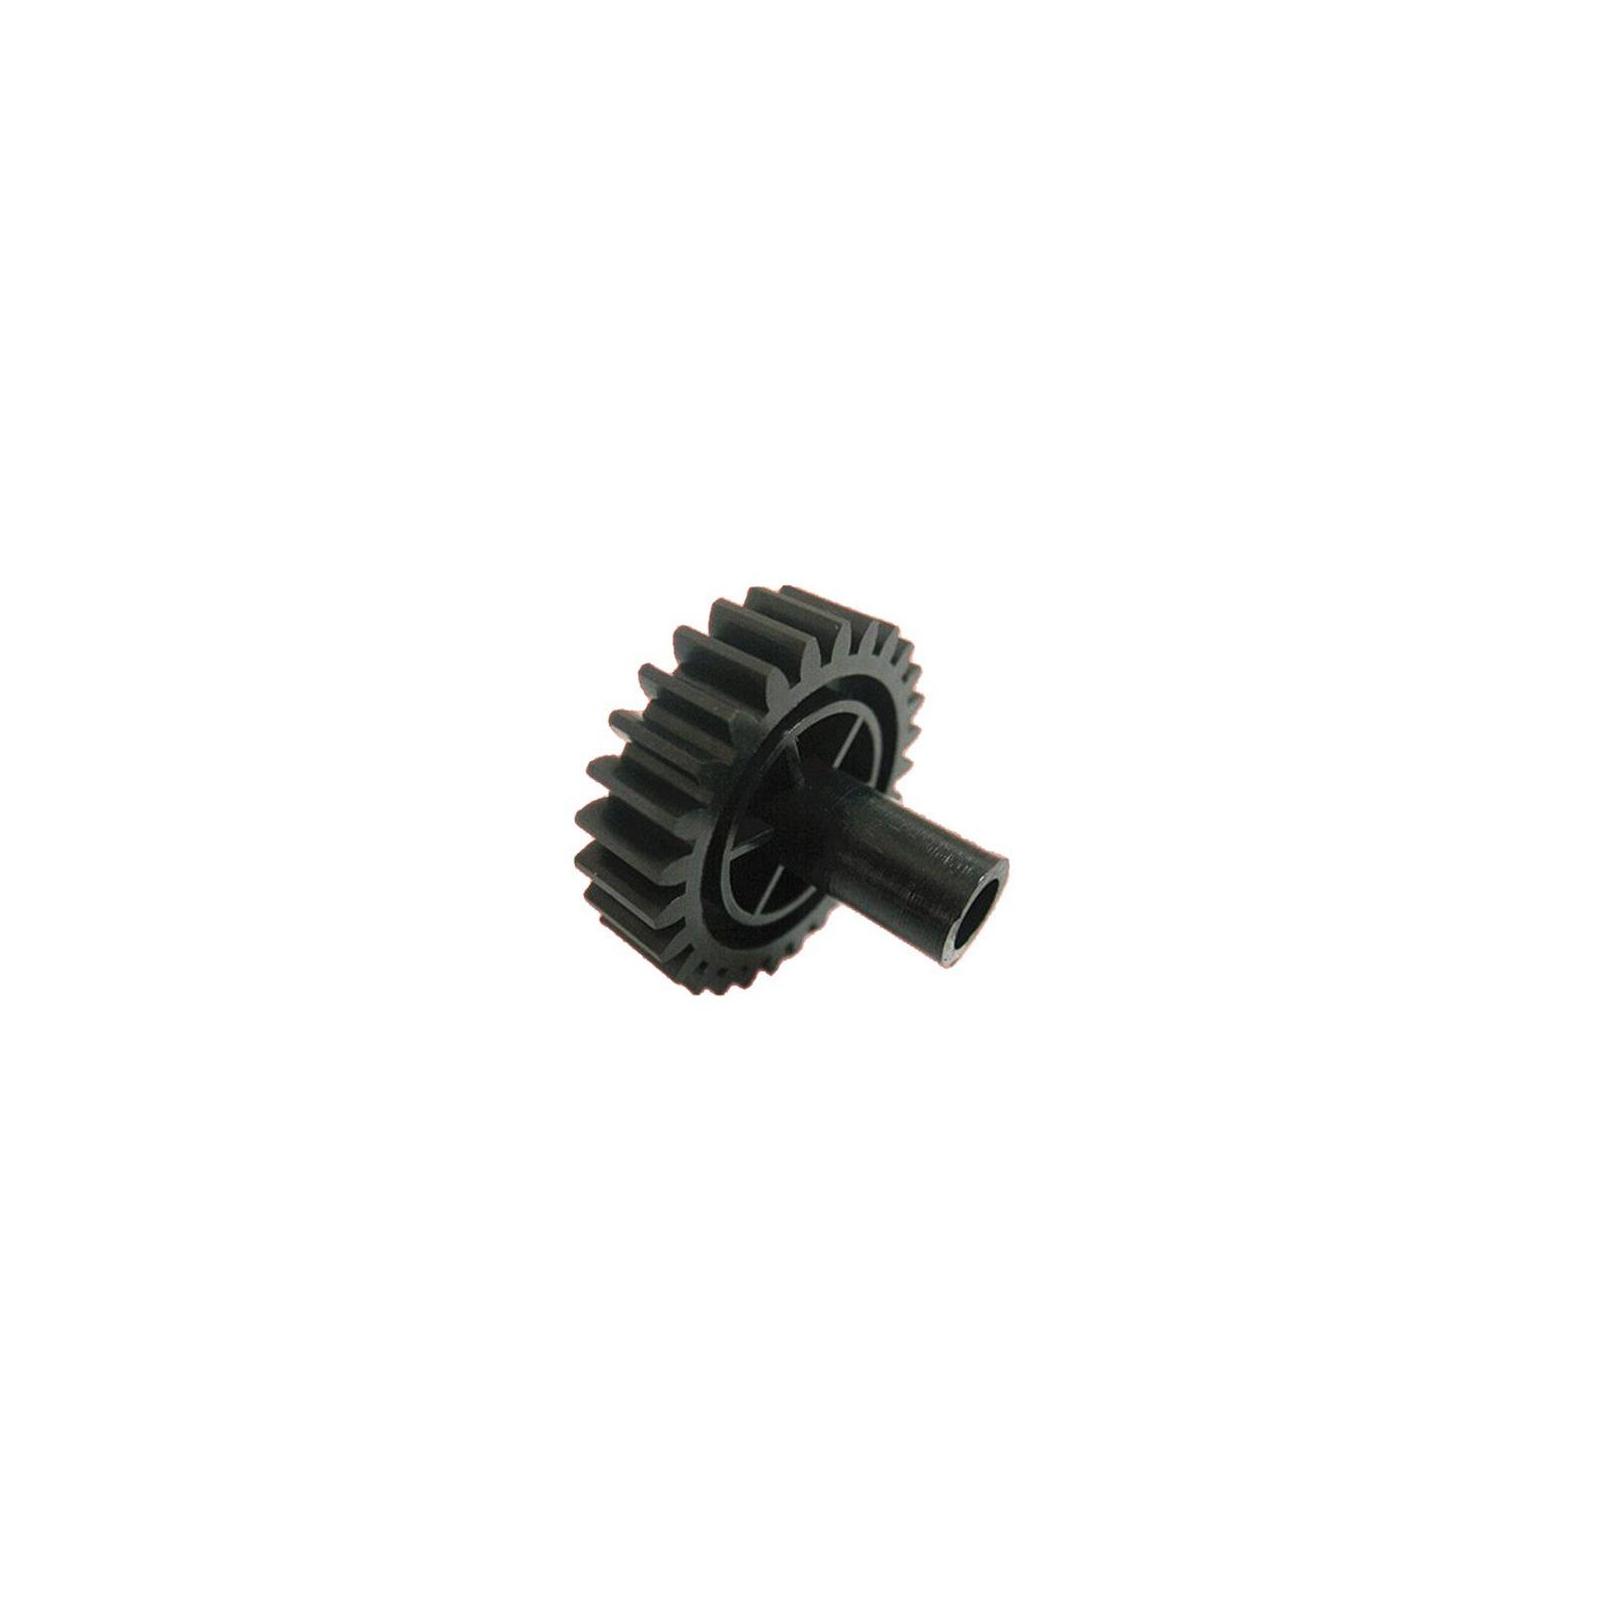 Шестерня узла закрепления HP LJ 4200/4300 аналог RU5-0017-000 27T АНК (23050)